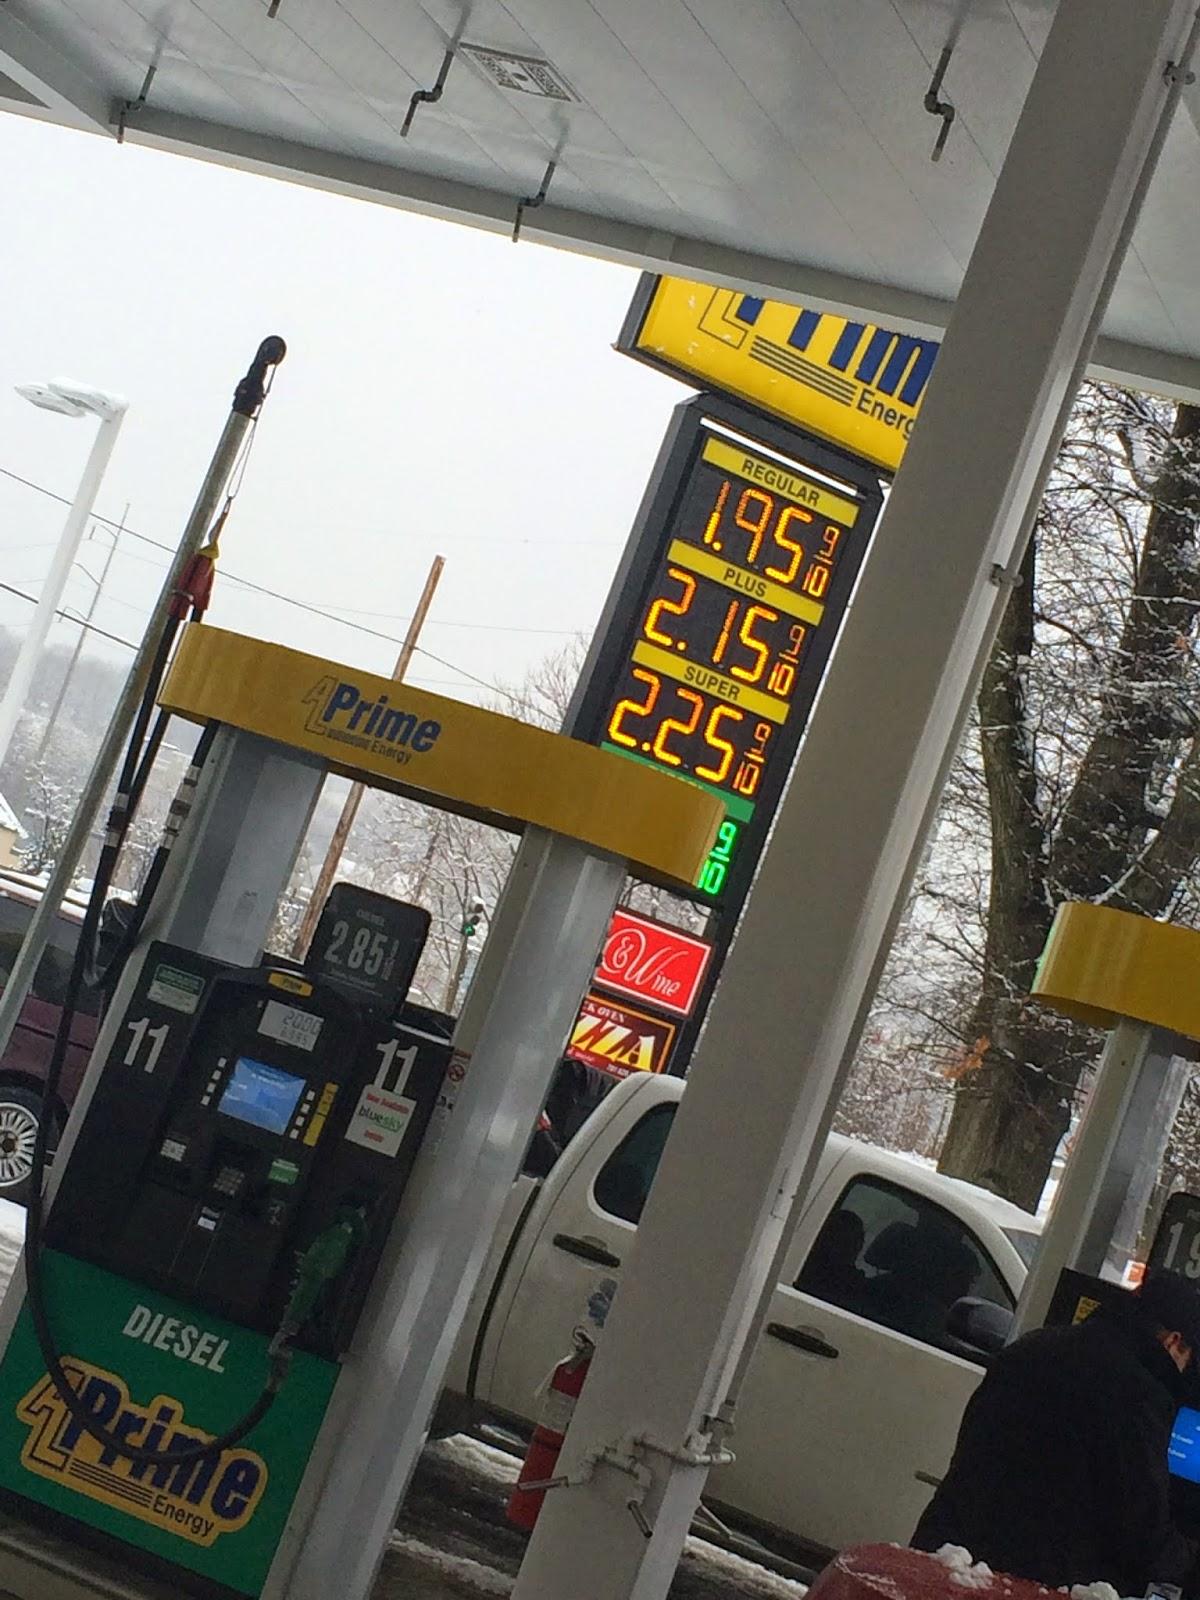 Gas prices under $2